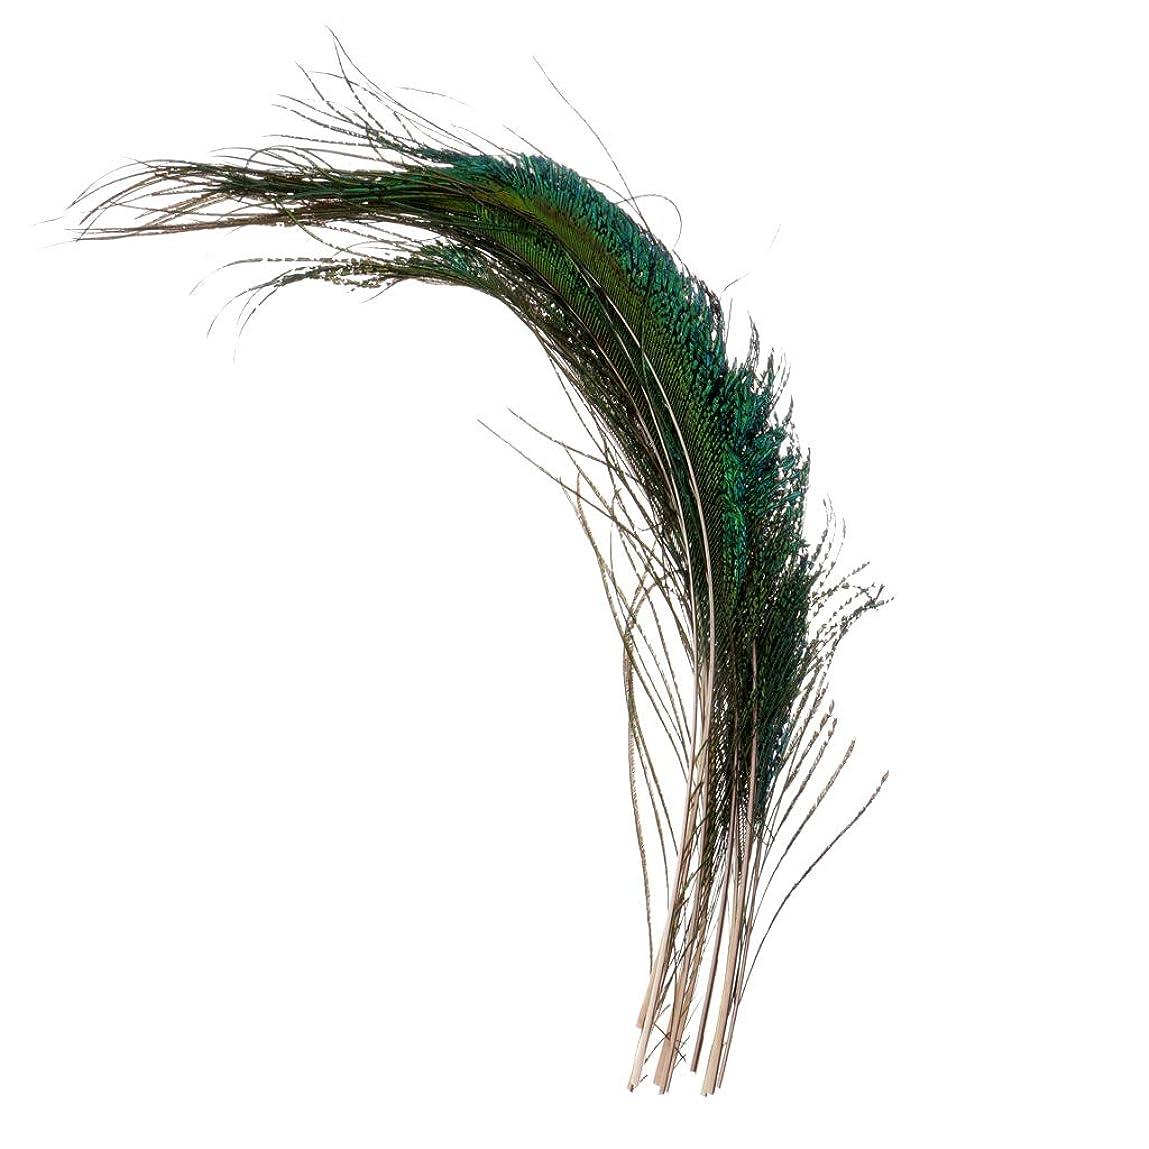 退屈させる果てしないショートDYNWAVE 10本 昆虫ルアー材料 帽子 カード 人工孔雀の羽 フライタイイング 装飾品 多機能